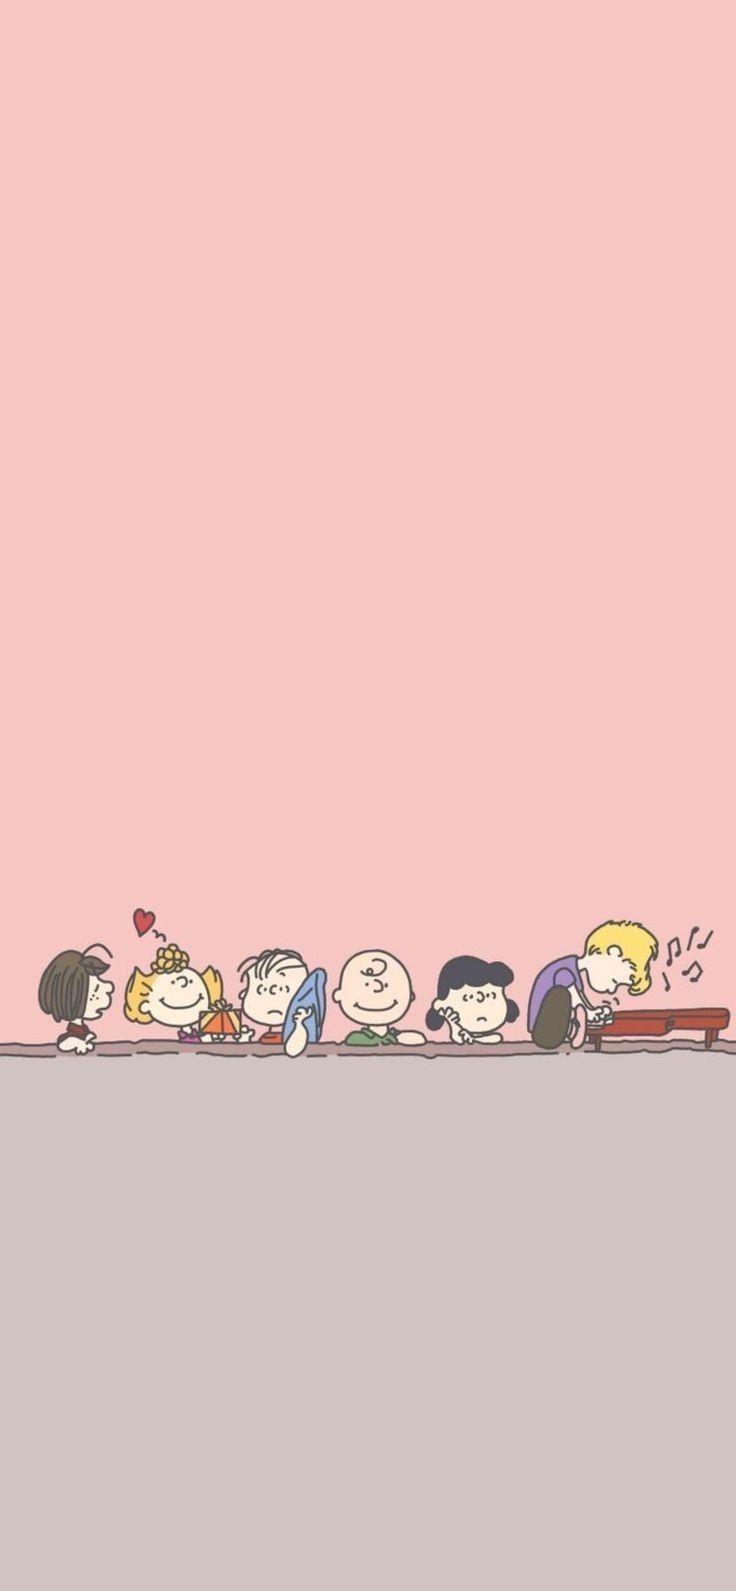 Snoopy おしゃれまとめの人気アイデア Pinterest Ana Herrera スヌーピー カレンダー スヌーピーの壁紙 かわいい 壁紙 Iphone